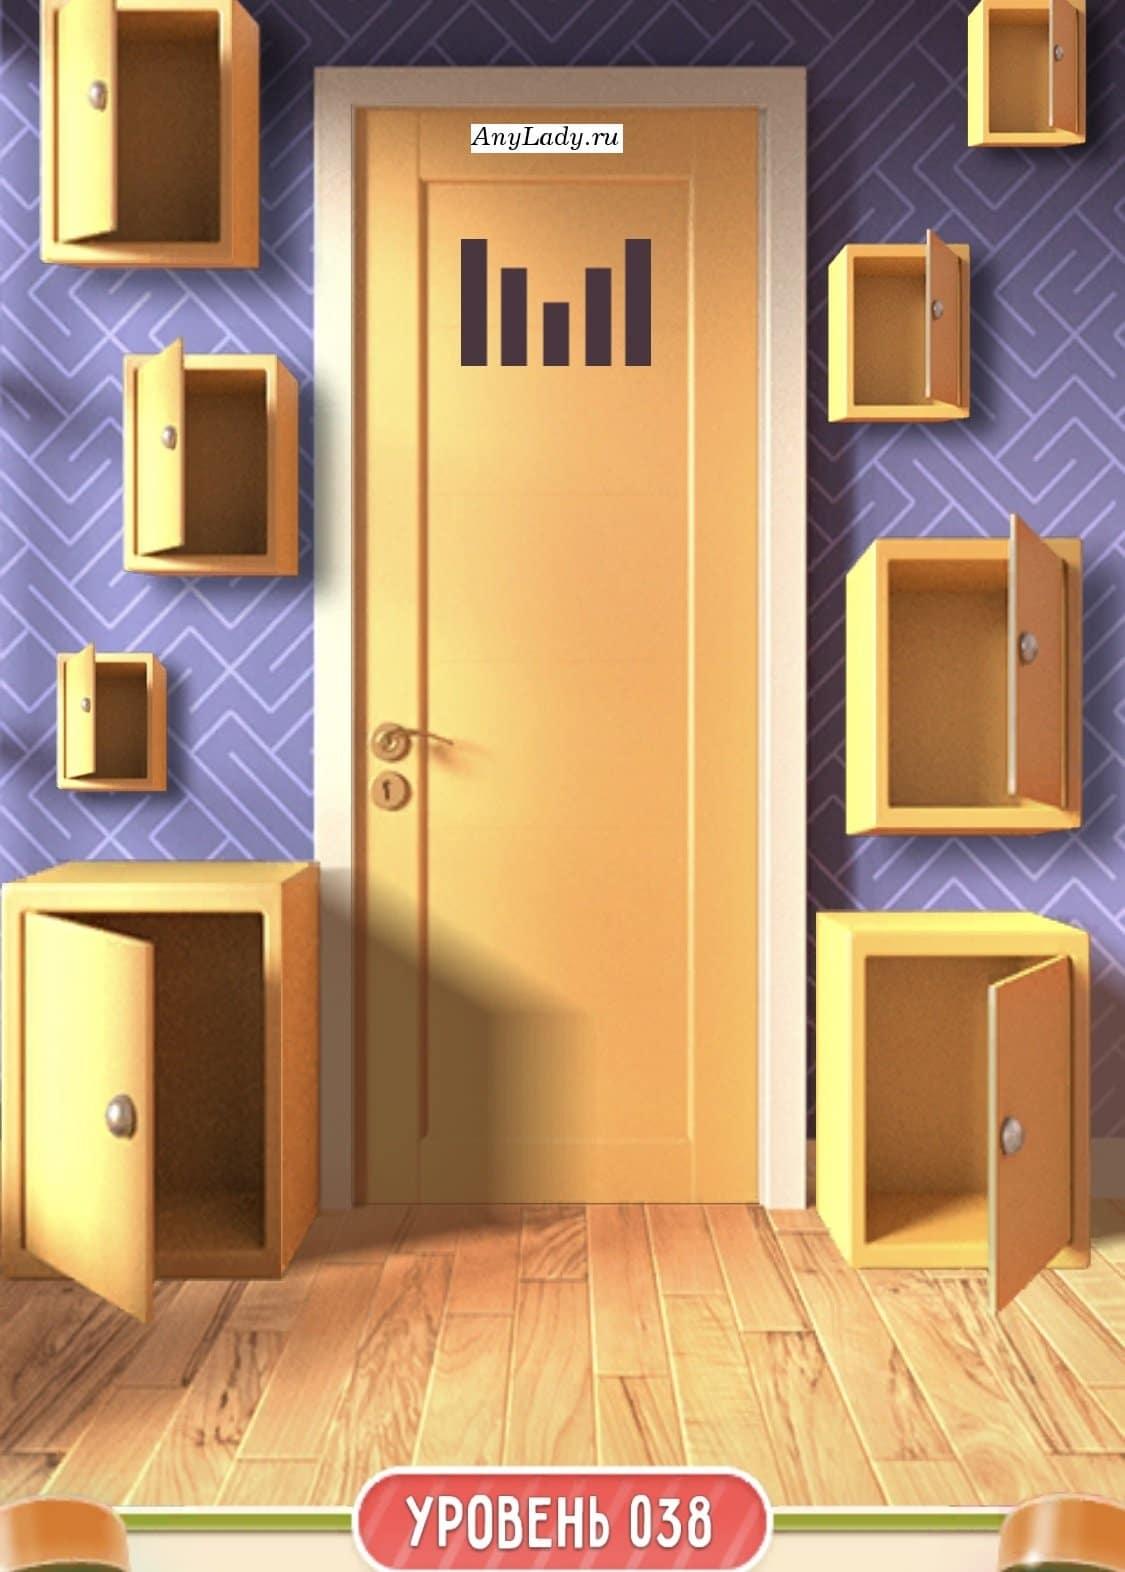 Перед Вами восемь шкафчиков, открывайте их по очереди от большего к меньшему. В самом маленьком шкафчике, будет ключ.